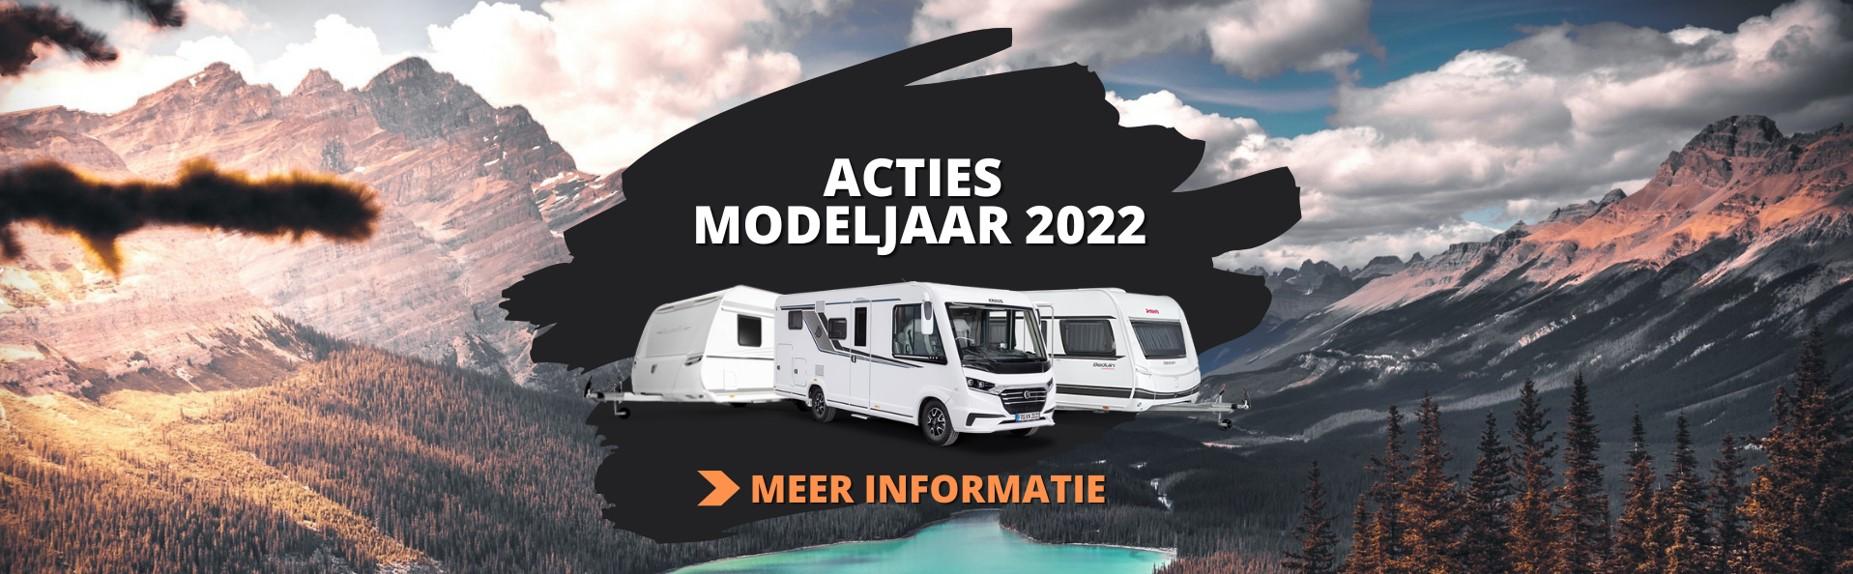 acties modeljaar 2021